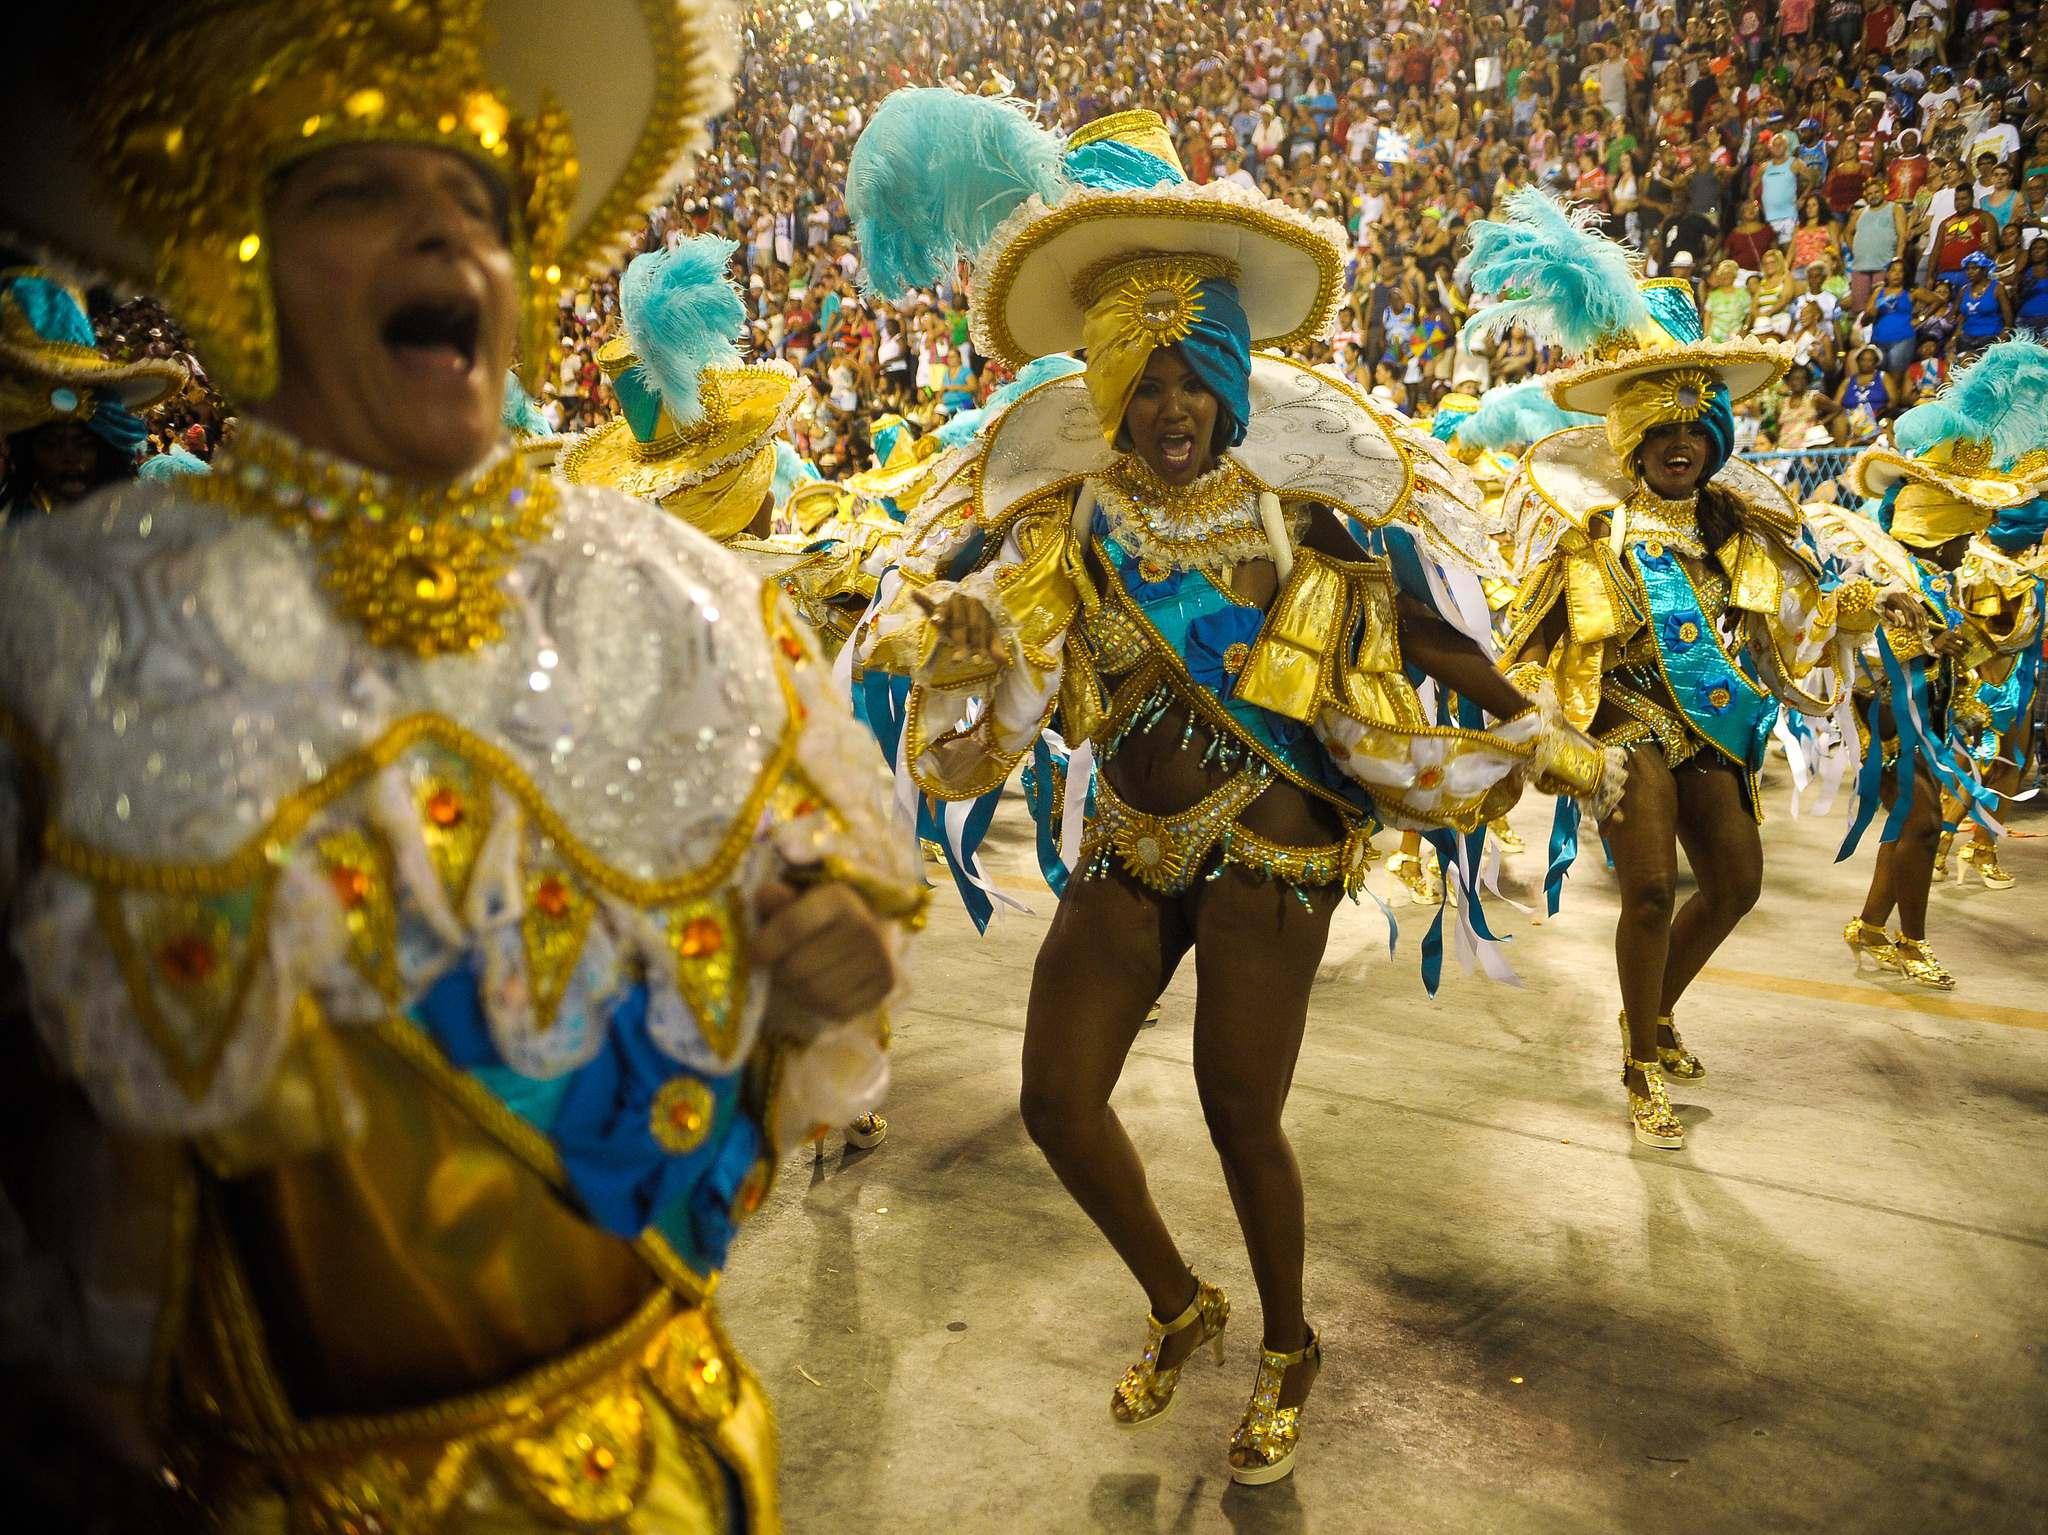 rio de janeiro 201610 Vila Isabel at Carnival in Rio de Janeiro